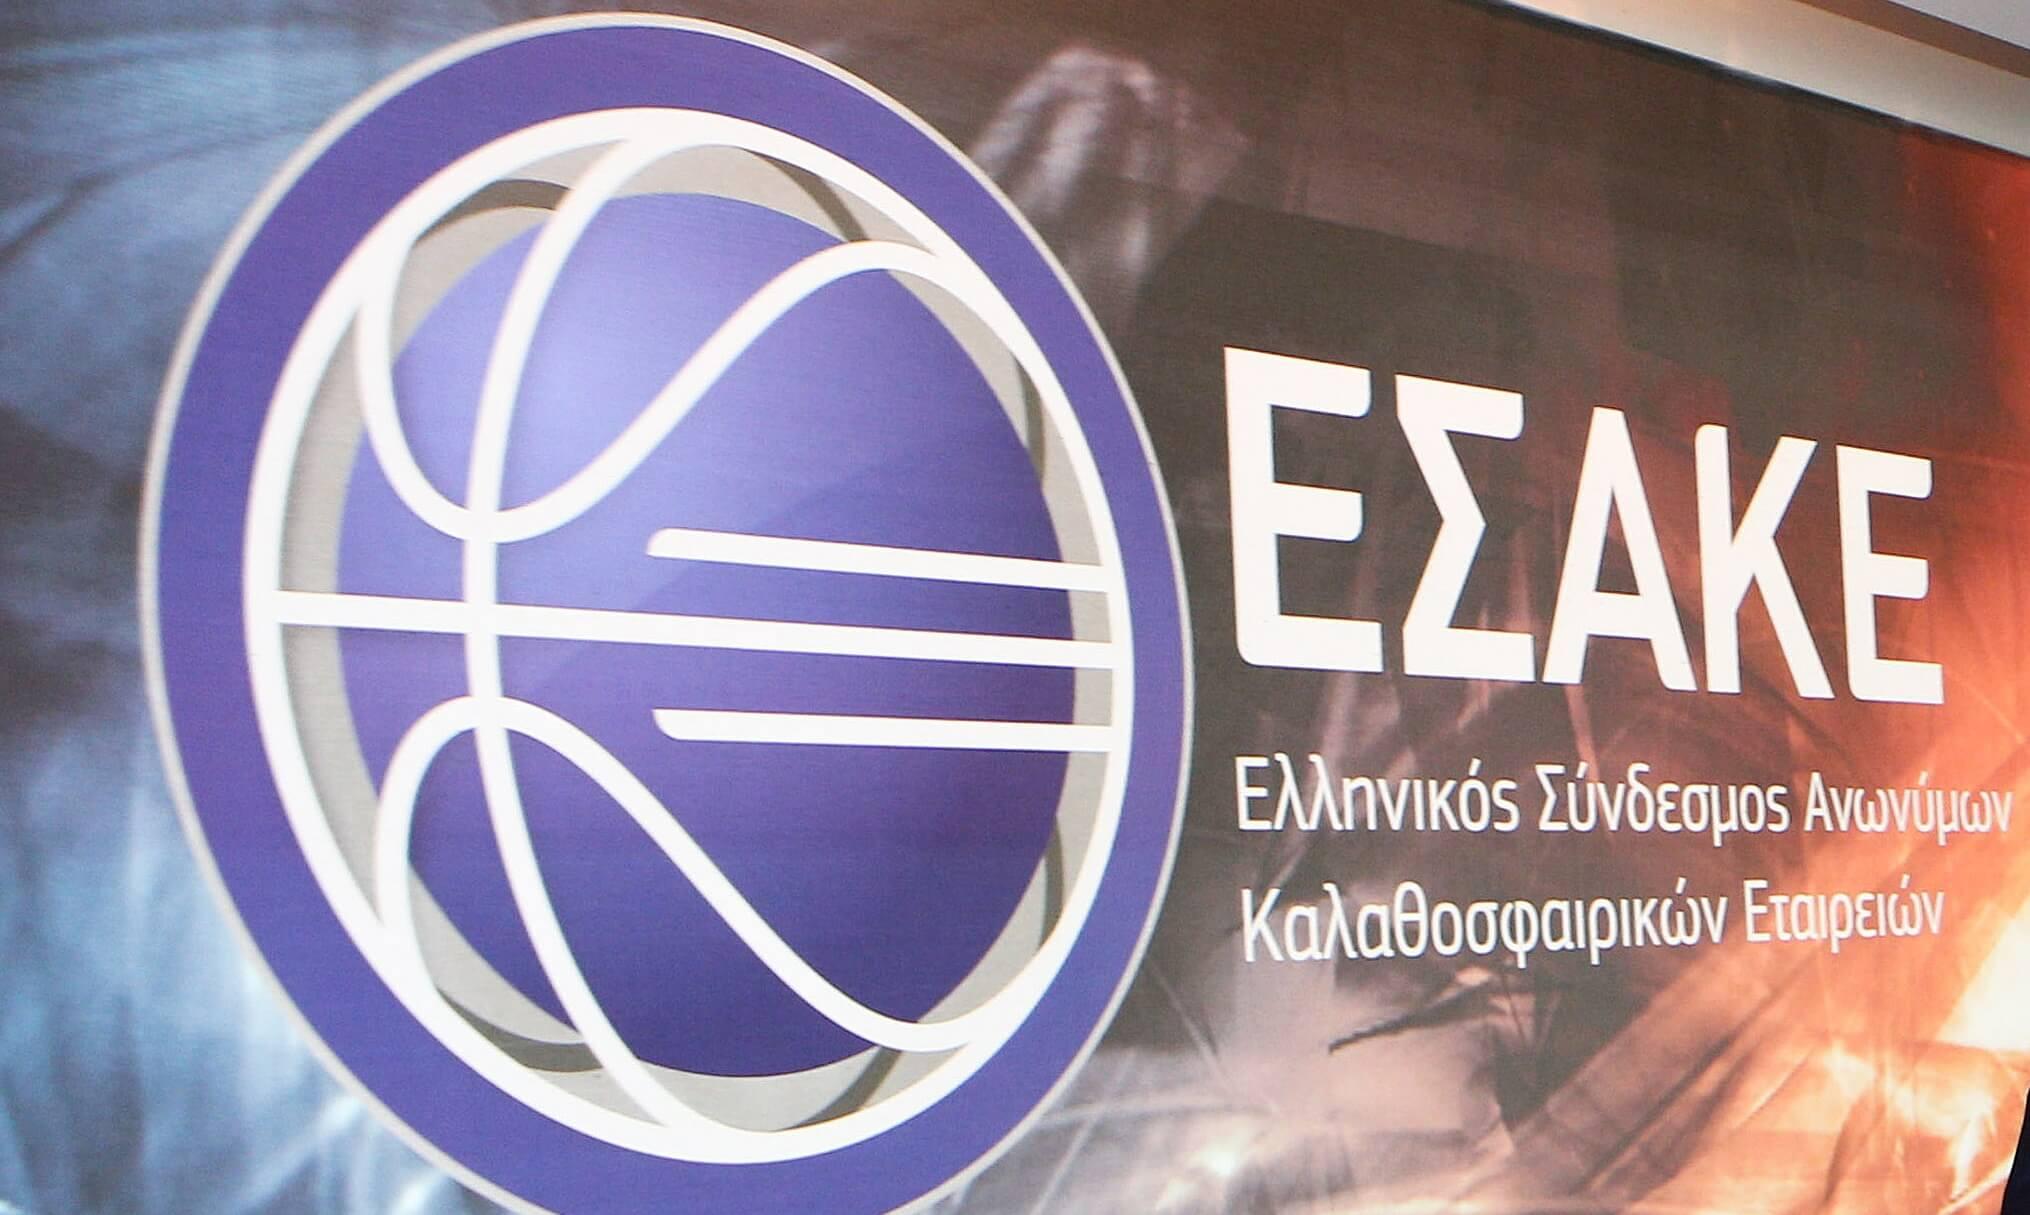 ΕΣΑΚΕ: Πήραν άδεια συμμετοχής στο νέο πρωτάθλημα και οι έντεκα ΚΑΕ